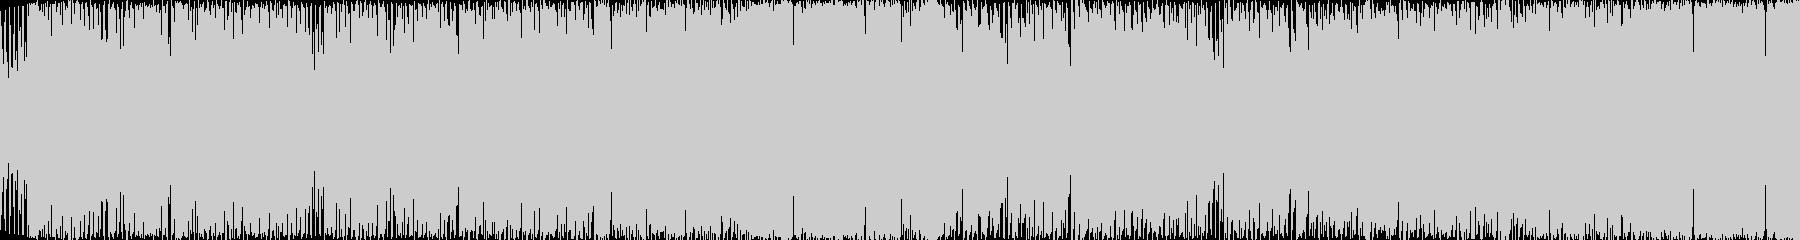 チップチューン風のシンセポップ(ループ)の未再生の波形